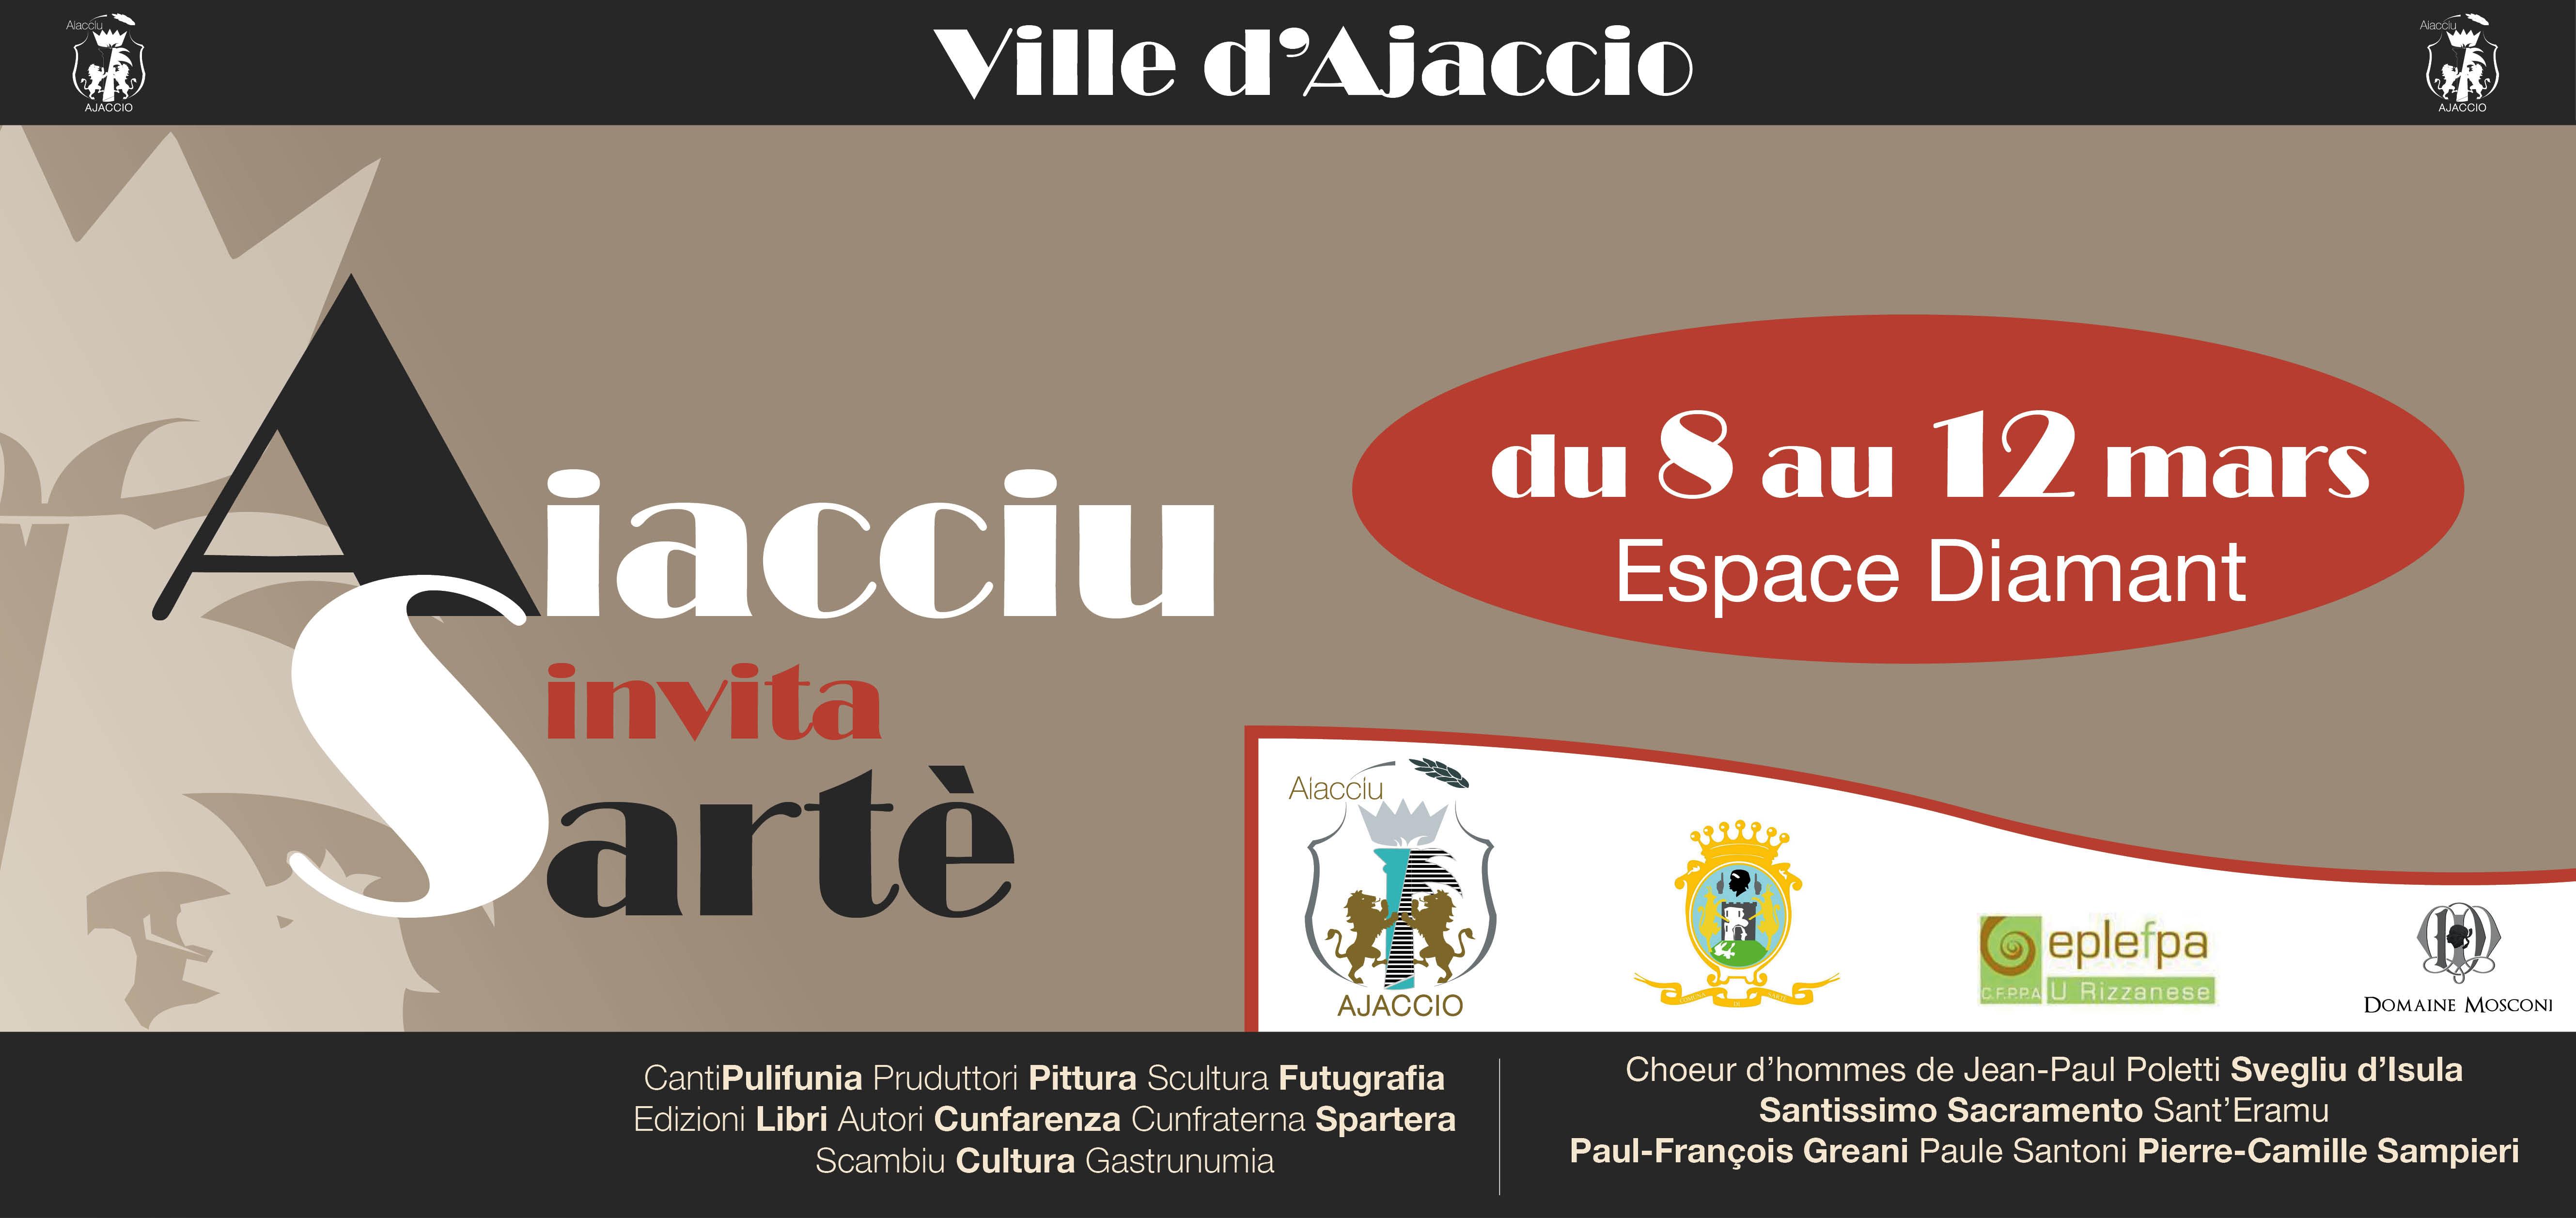 8 - 12 marzu : AIACCIU INVITA SARTÈ